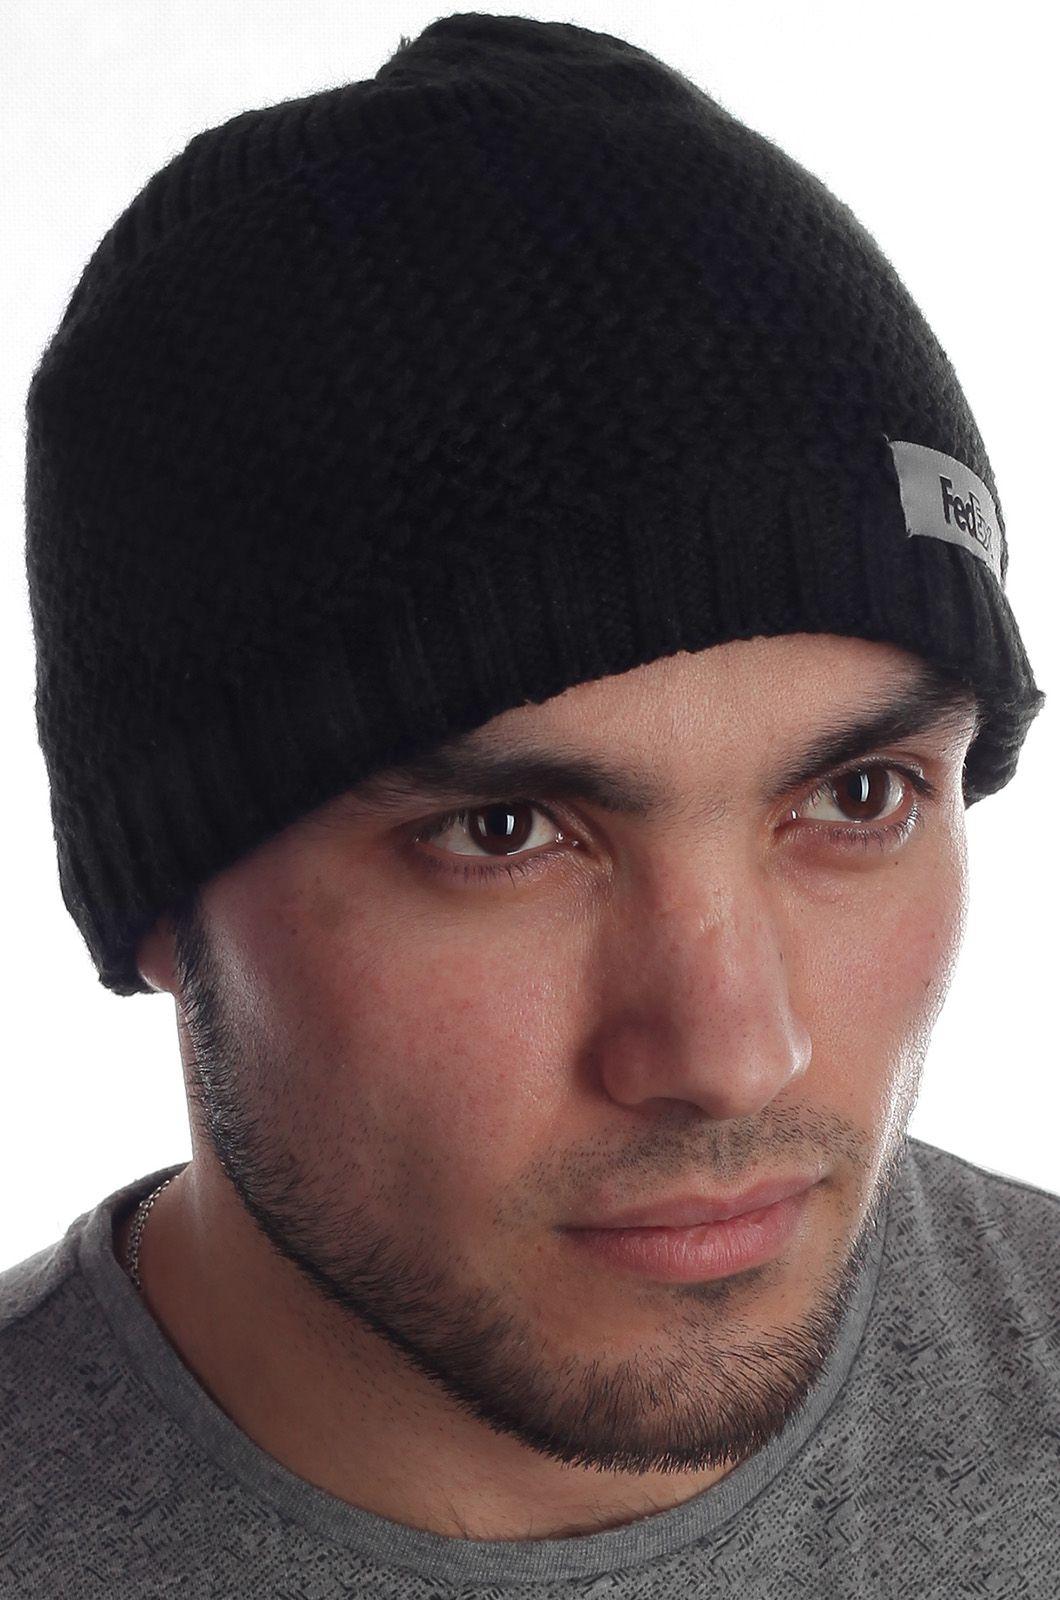 Черная популярная вязаная шапка FedEx с флисом в ажурную резинку